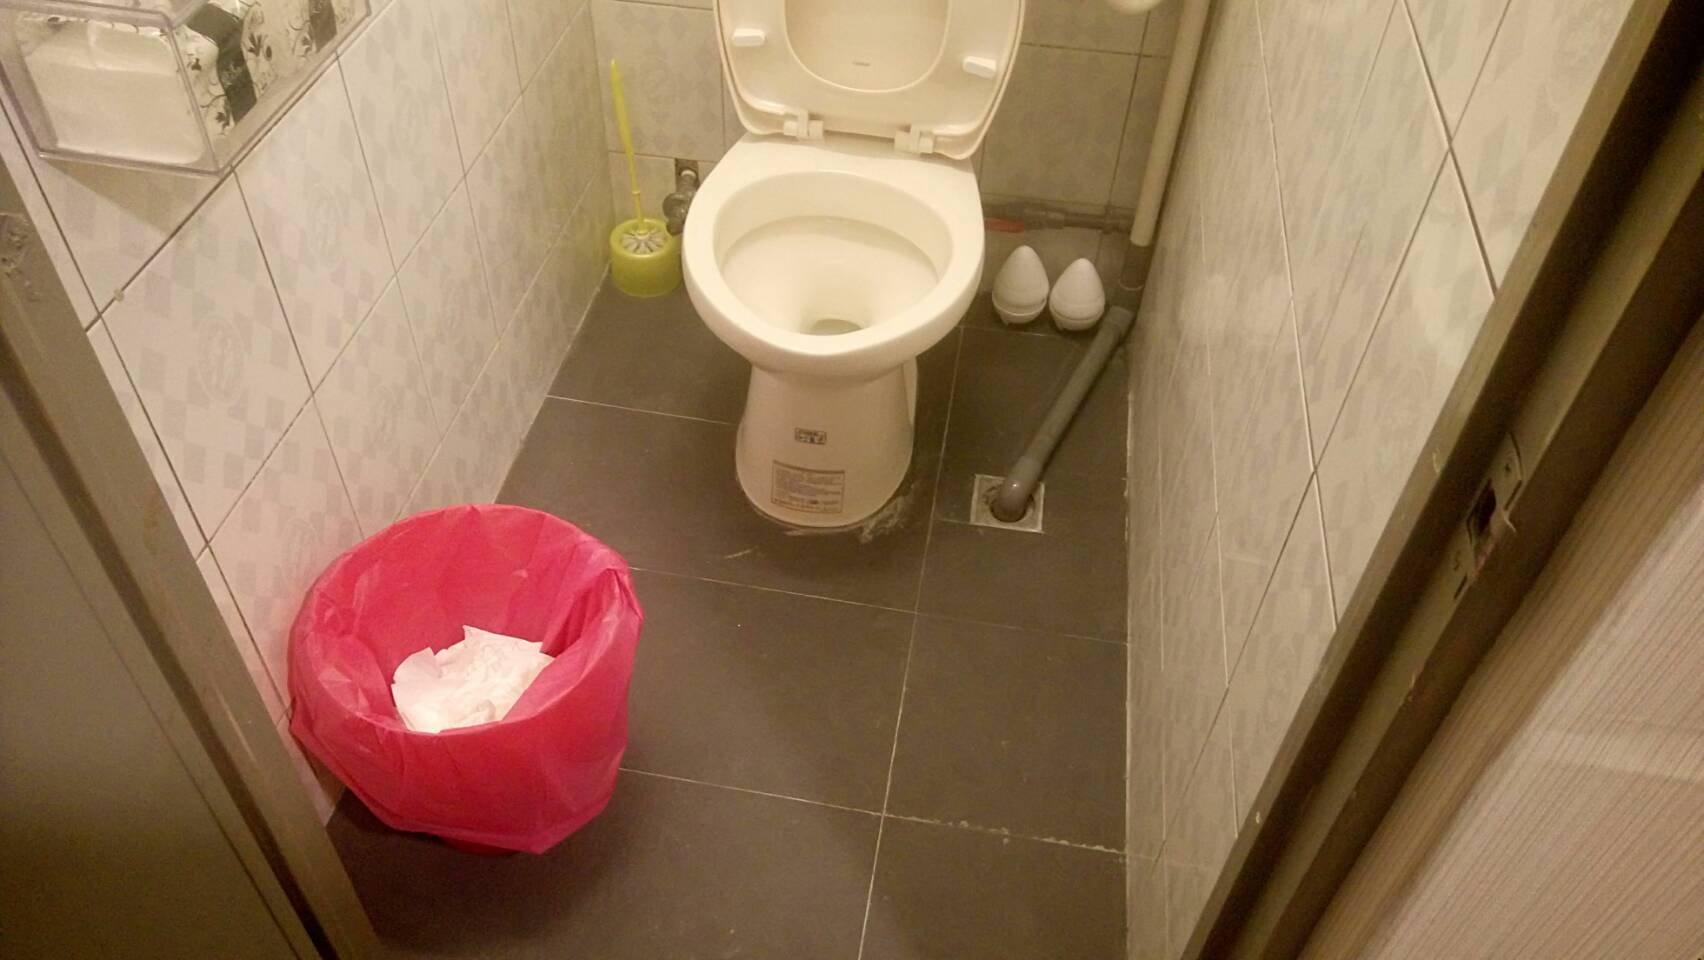 【森紅工程】廁所 浴室 翻修 打除 免費丈量 PS.裝潢.泥作.防水.磁磚.水電.增建